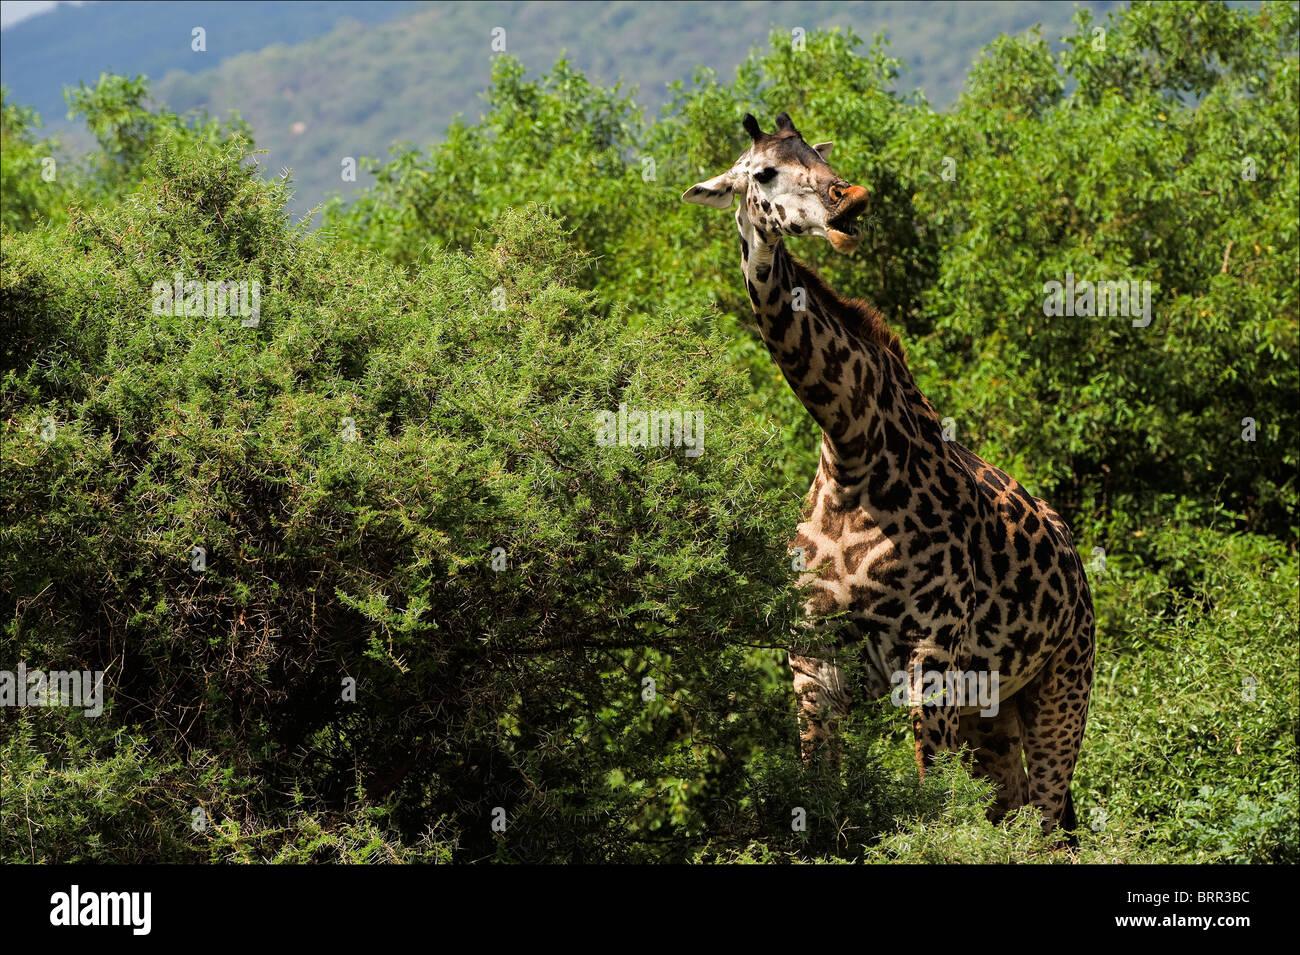 The giraffe also eats a prickly acacia. The giraffe has broken from a tree and chews a prickly branch of an acacia. - Stock Image